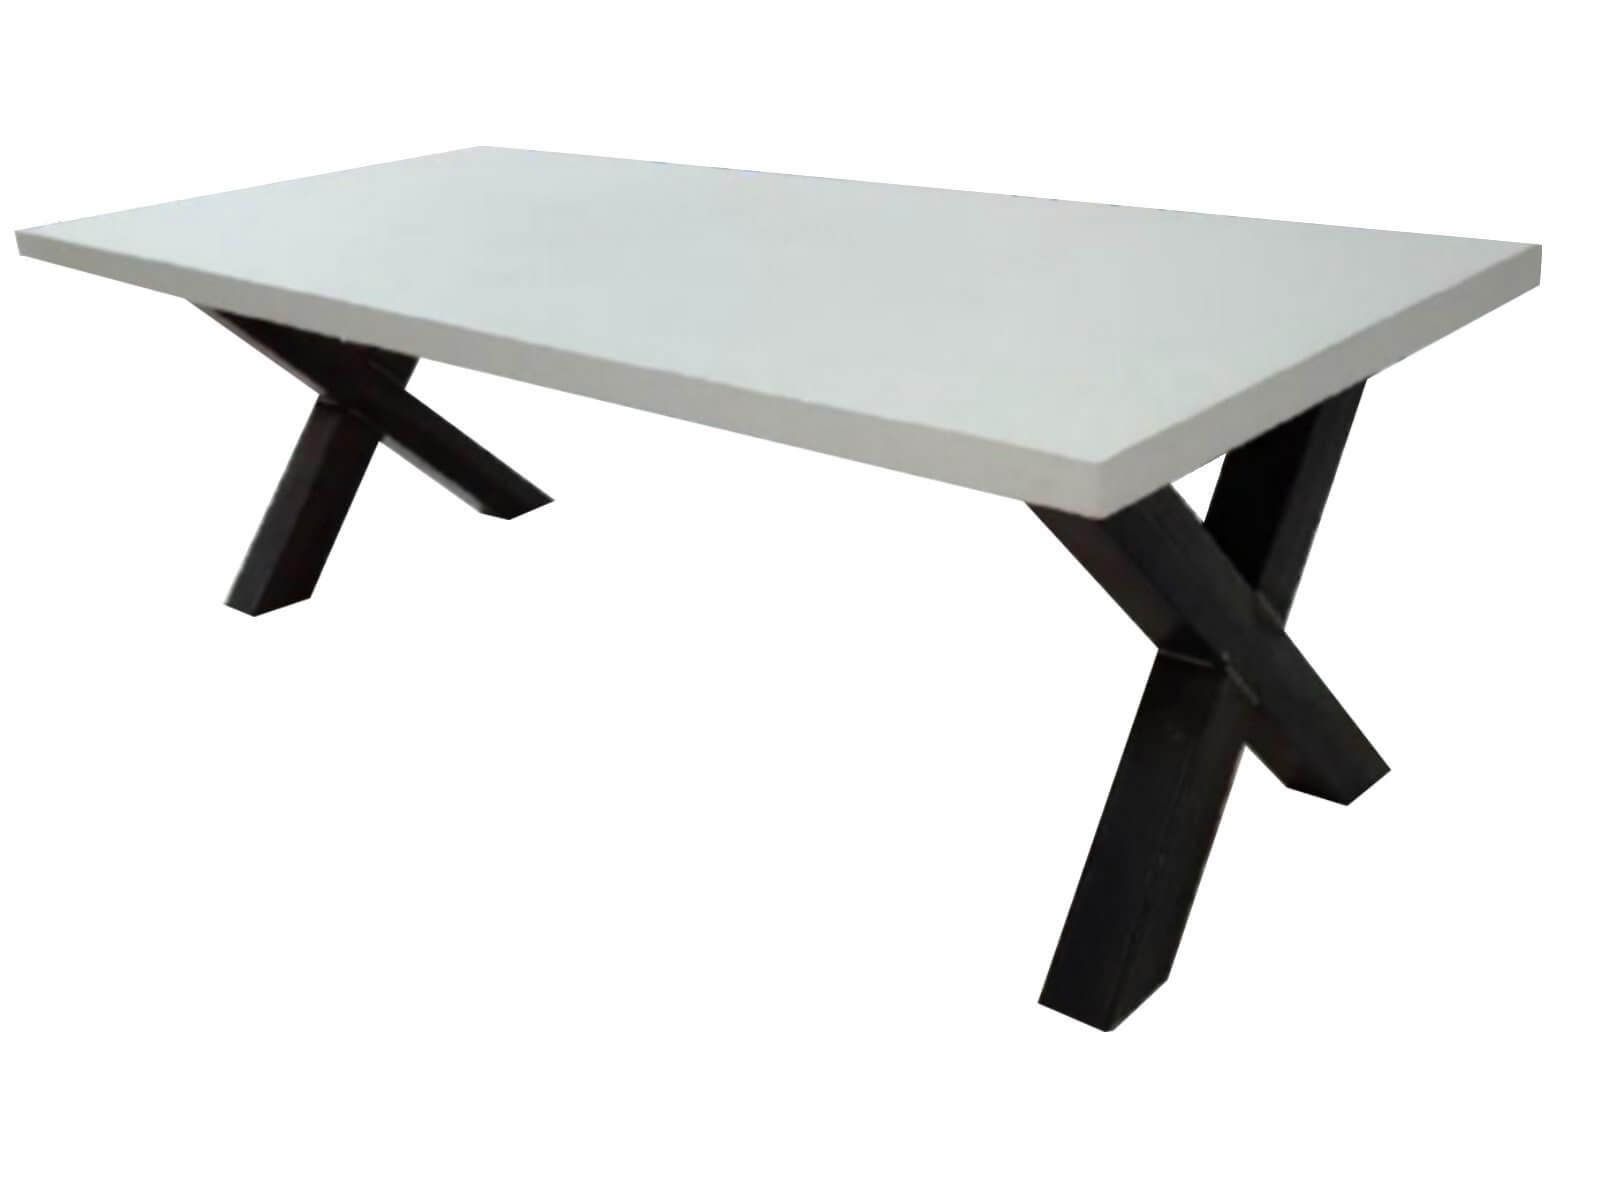 Tafel X Poot : Betonlook eettafel met poot lifestylemaison industriele meubels